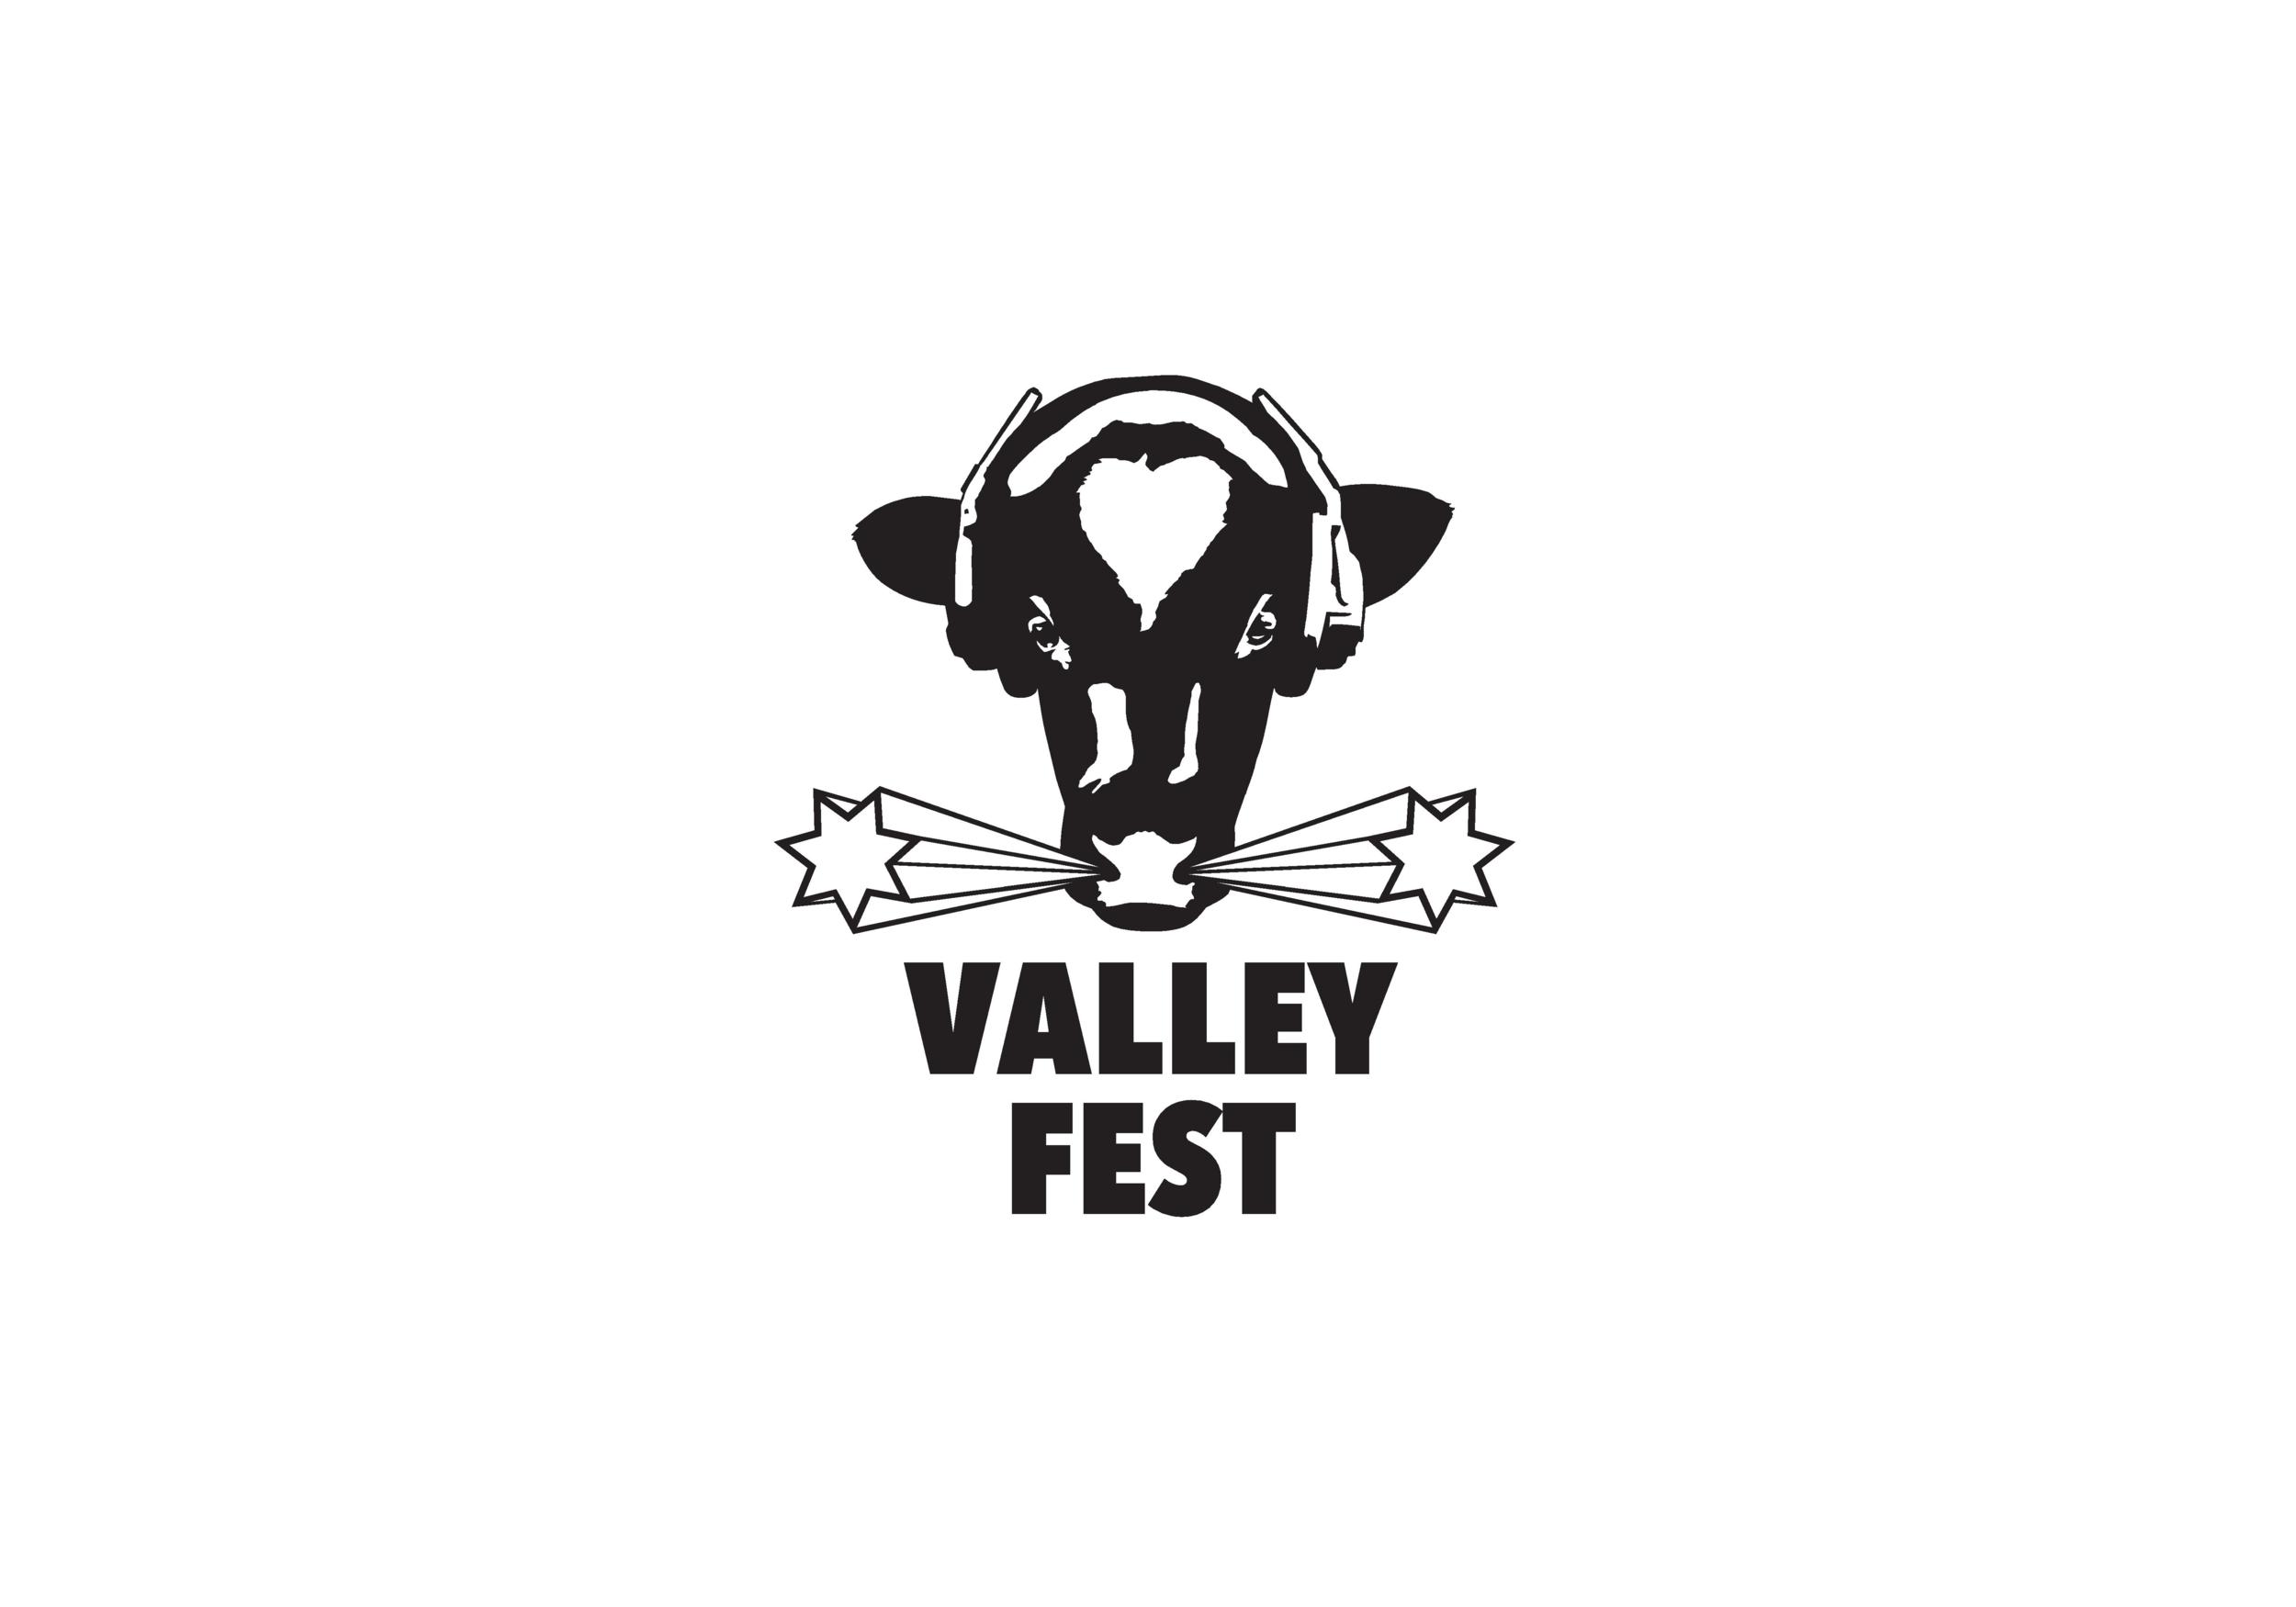 valleyfest ..